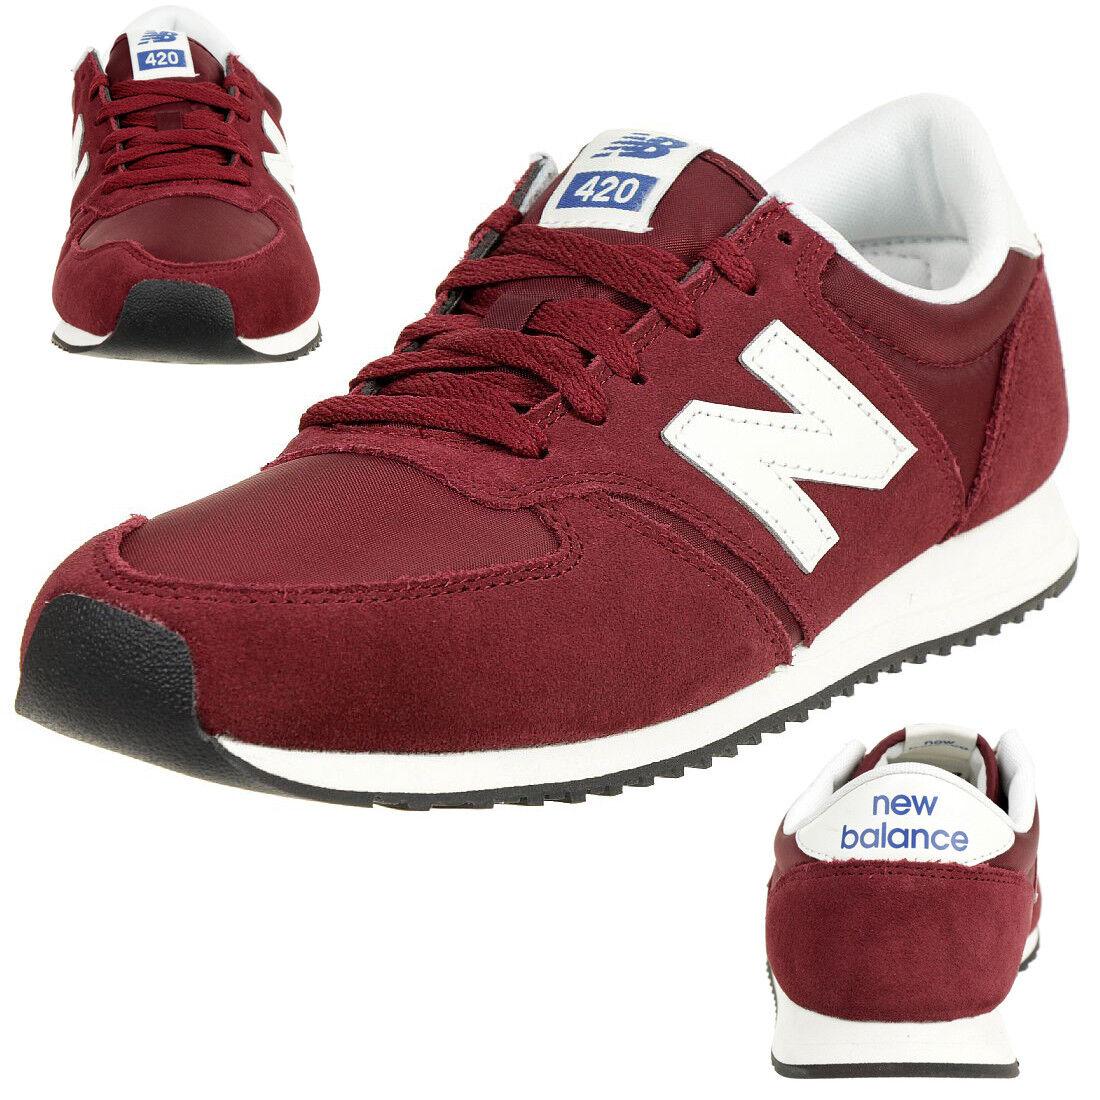 New Balance U420 Rdw Classic Zapatillas Deportivas para Hombres Zapatos Rojo